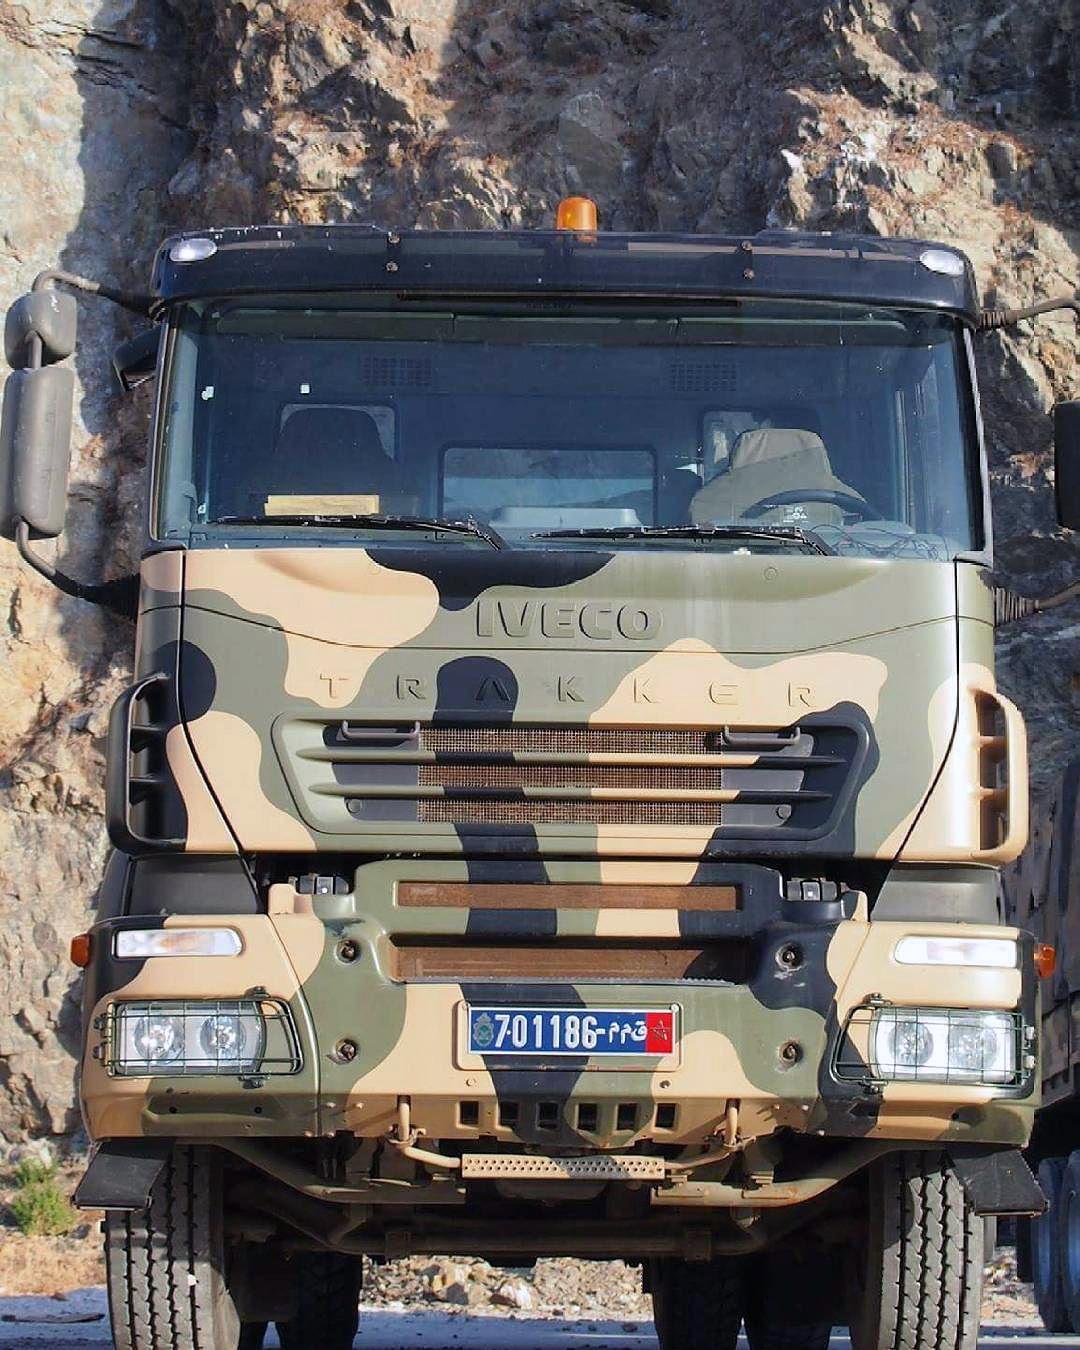 Photos - Logistique et Camions / Logistics and Trucks - Page 5 160703101010695182